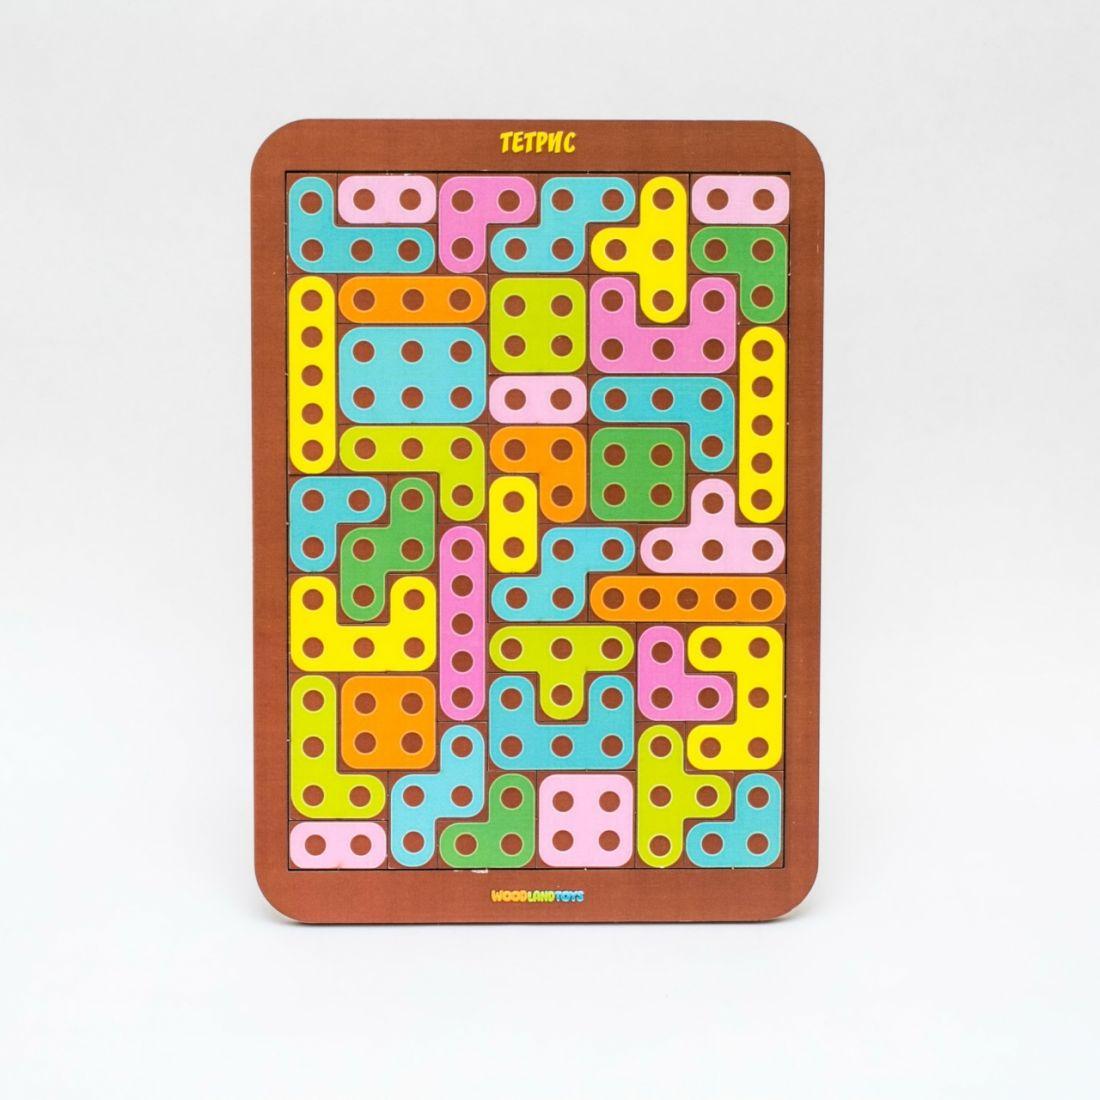 Логическая игра WOODLANDTOYS 65103 Тетрис большой Конструктор